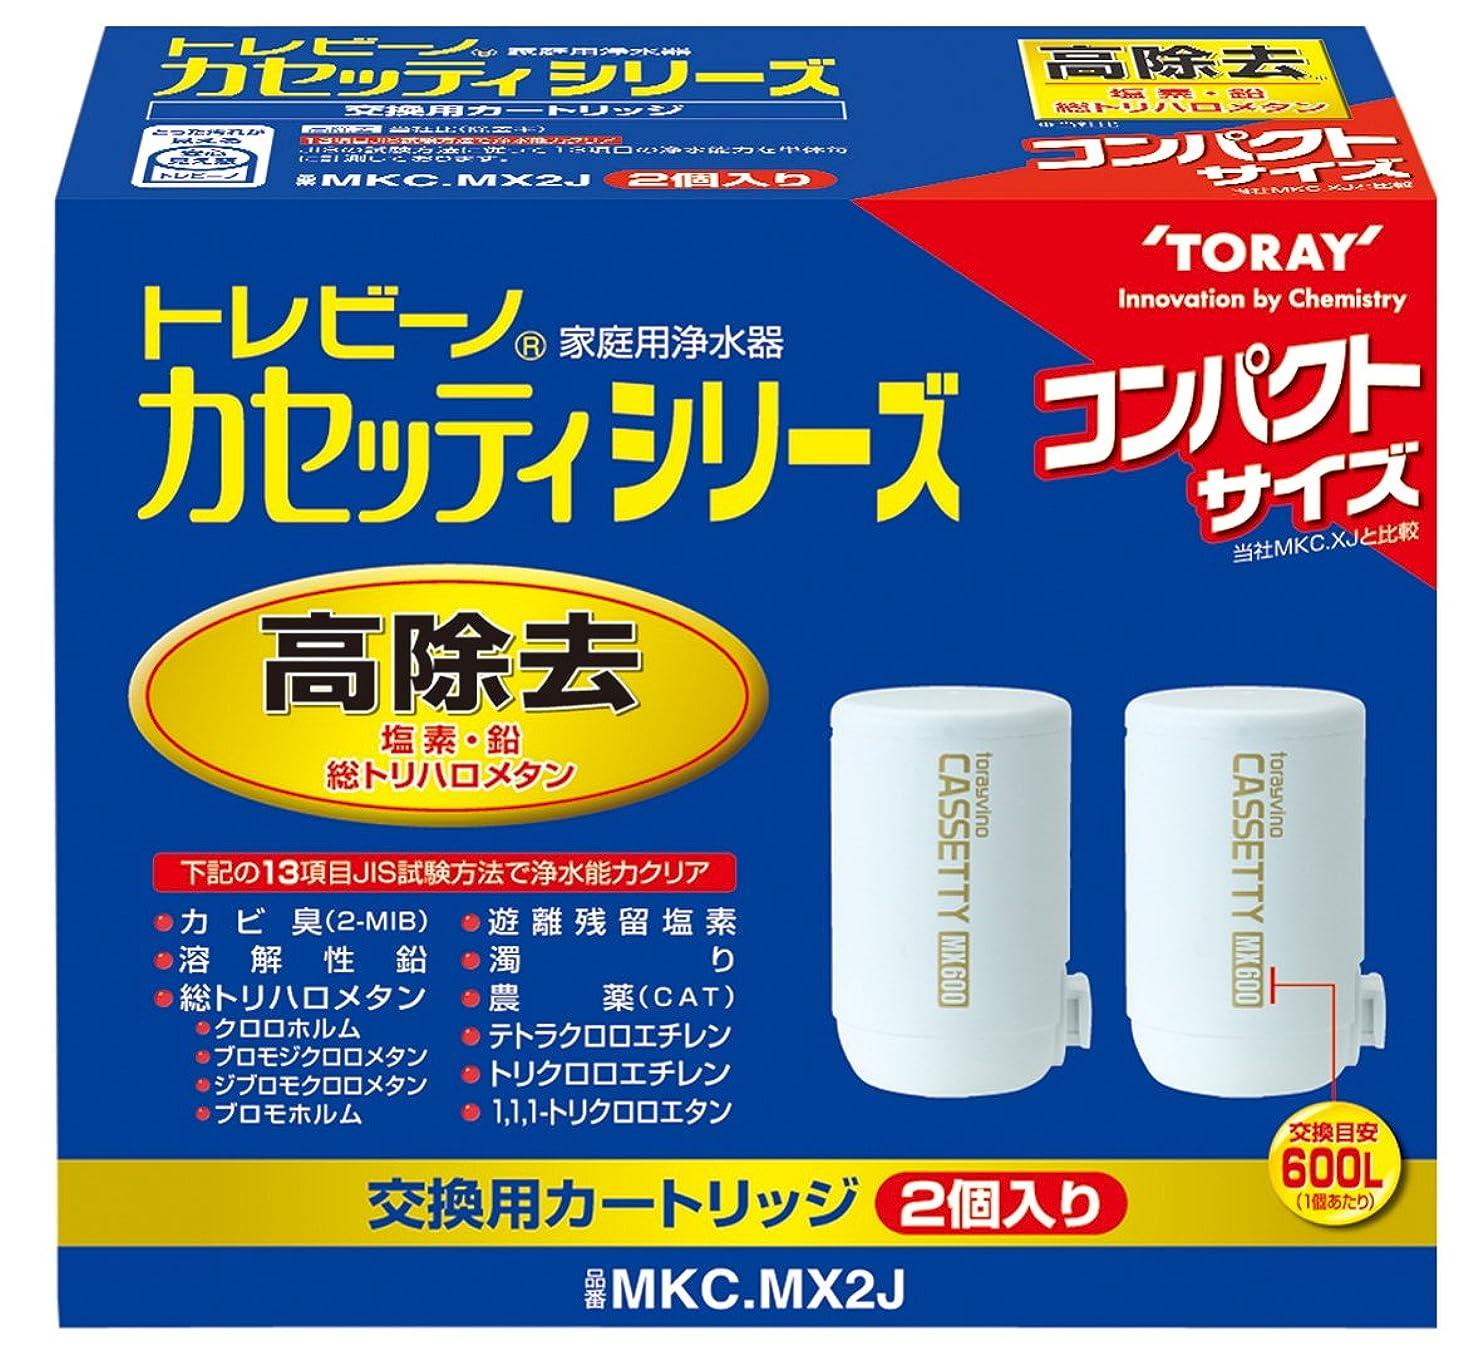 灰乱用ヘビ東レ 浄水器 トレビーノ カセッティシリーズ 交換用カートリッジ 13項目除去コンパクトサイズ 2個入り MKC.MX2J